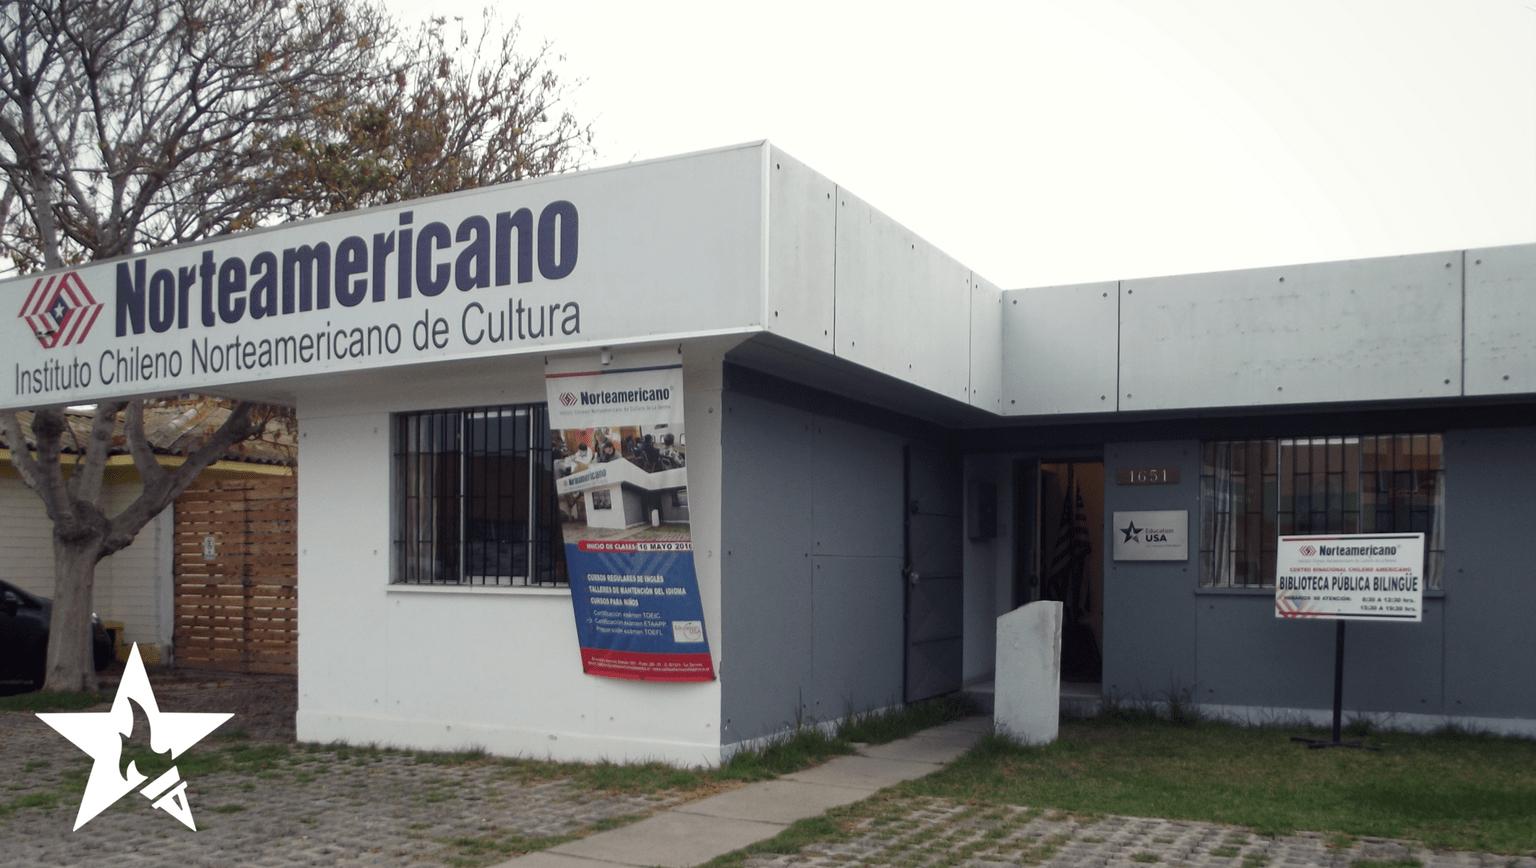 EducationUSA La Serena